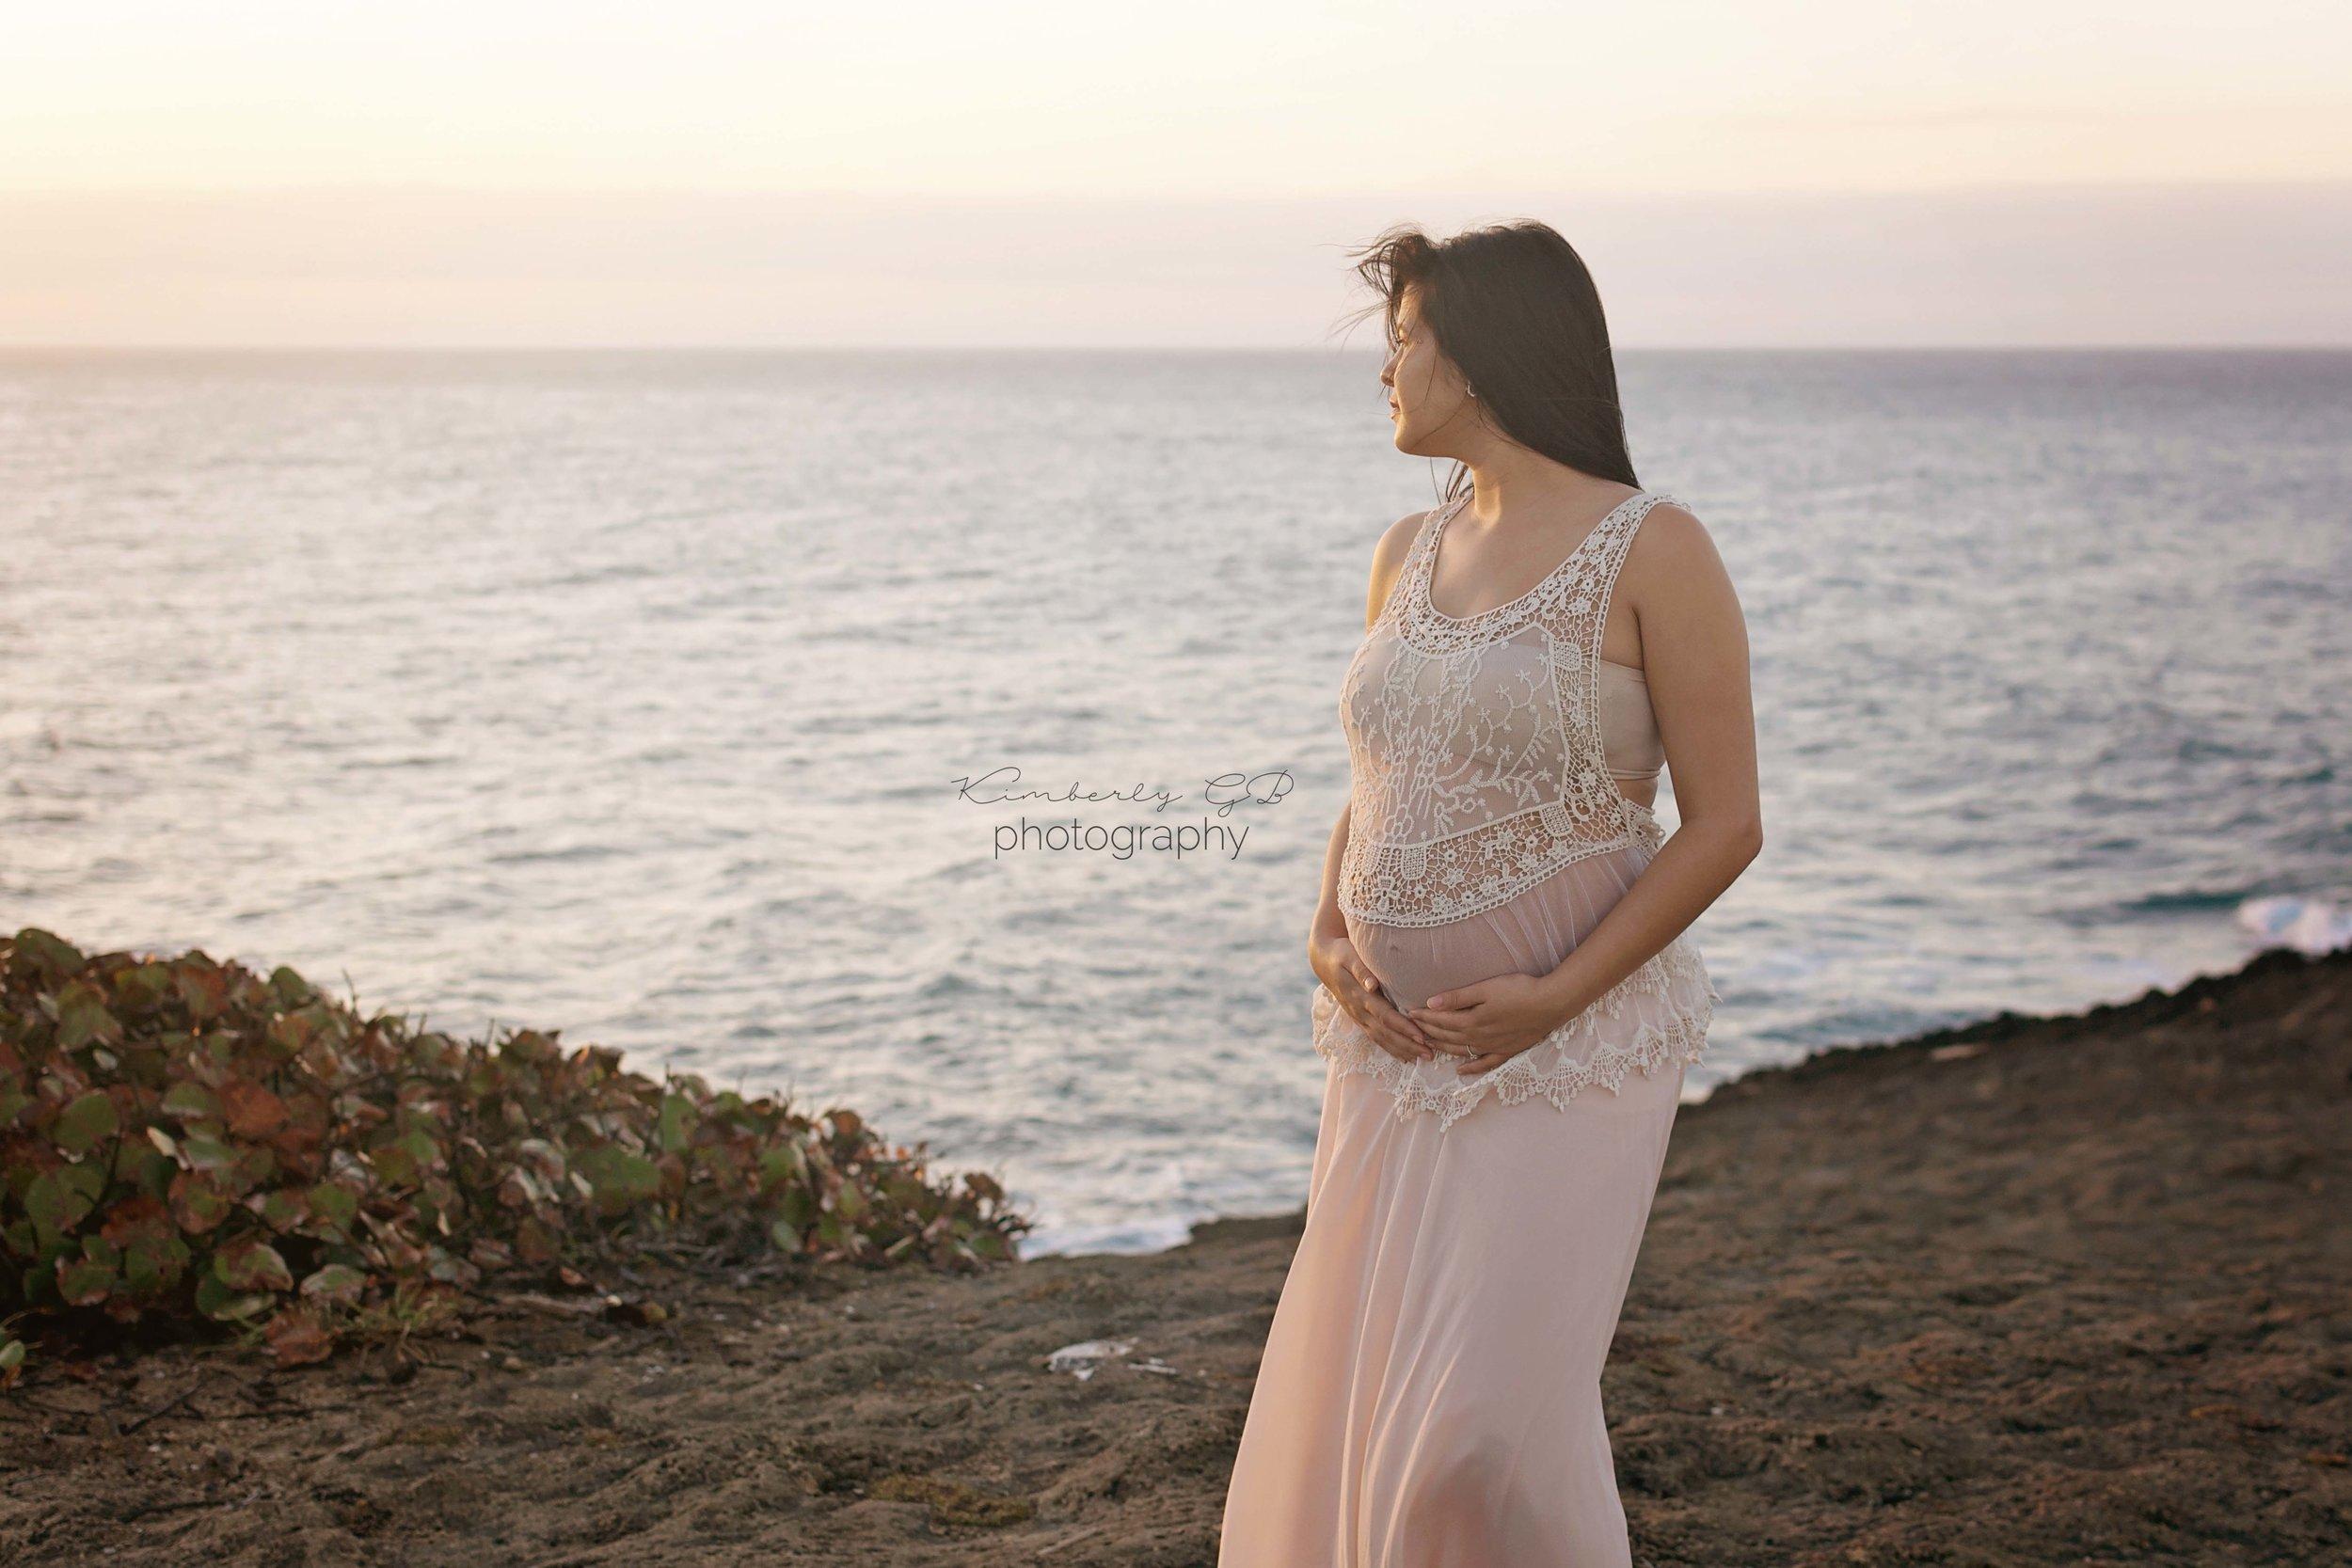 fotografa-de-maternidad-en-puerto-rico-fotografia-7.jpg